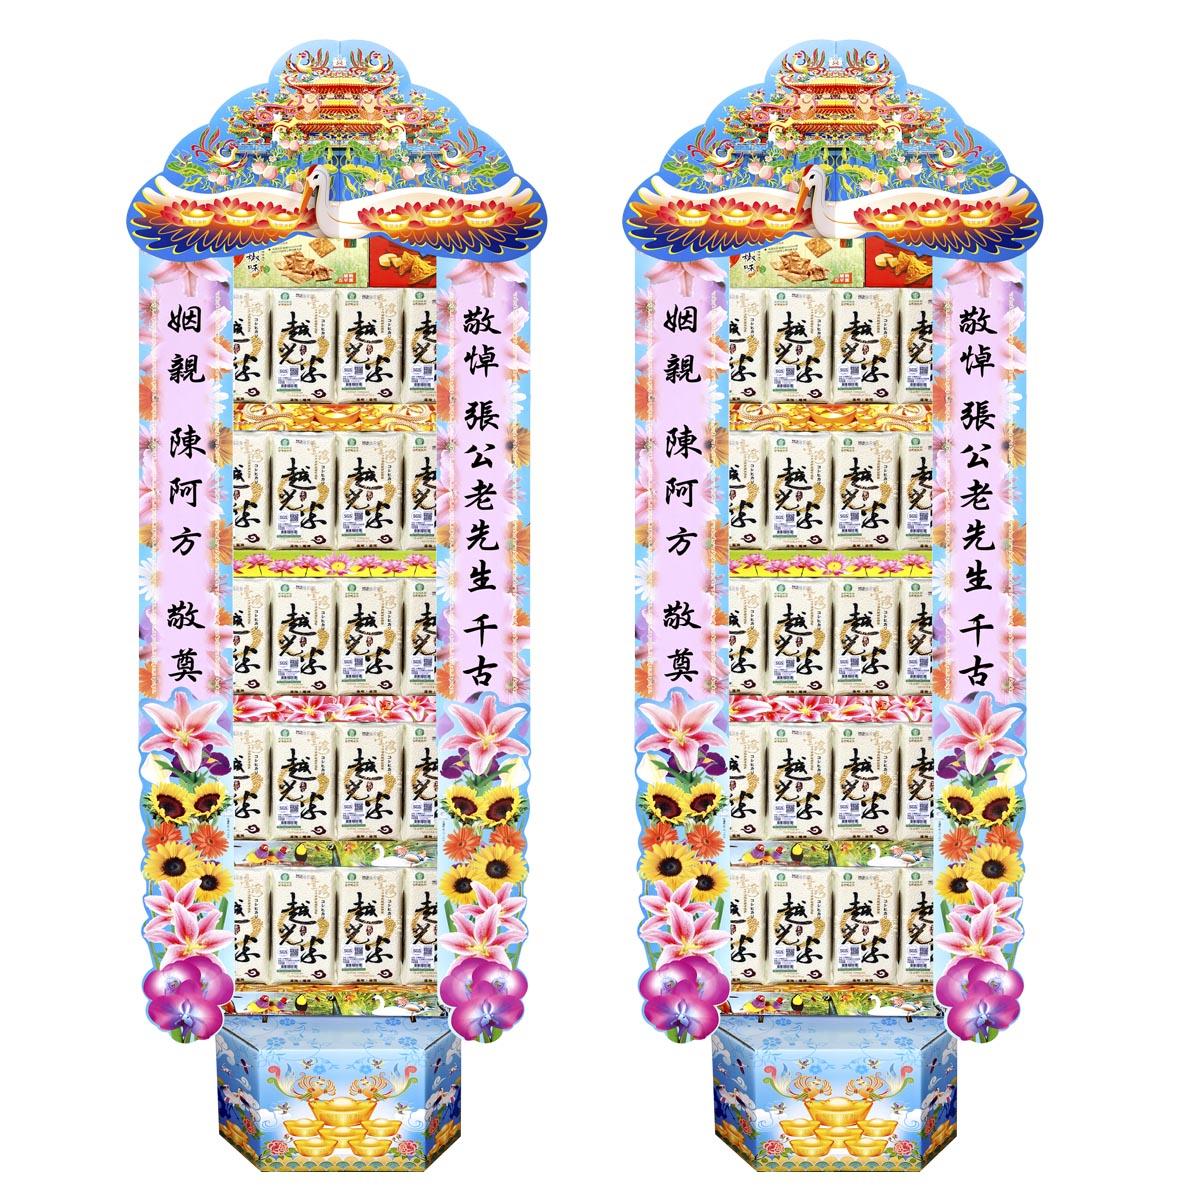 喪禮用罐頭塔-SGS越光米4x5 罐頭禮籃